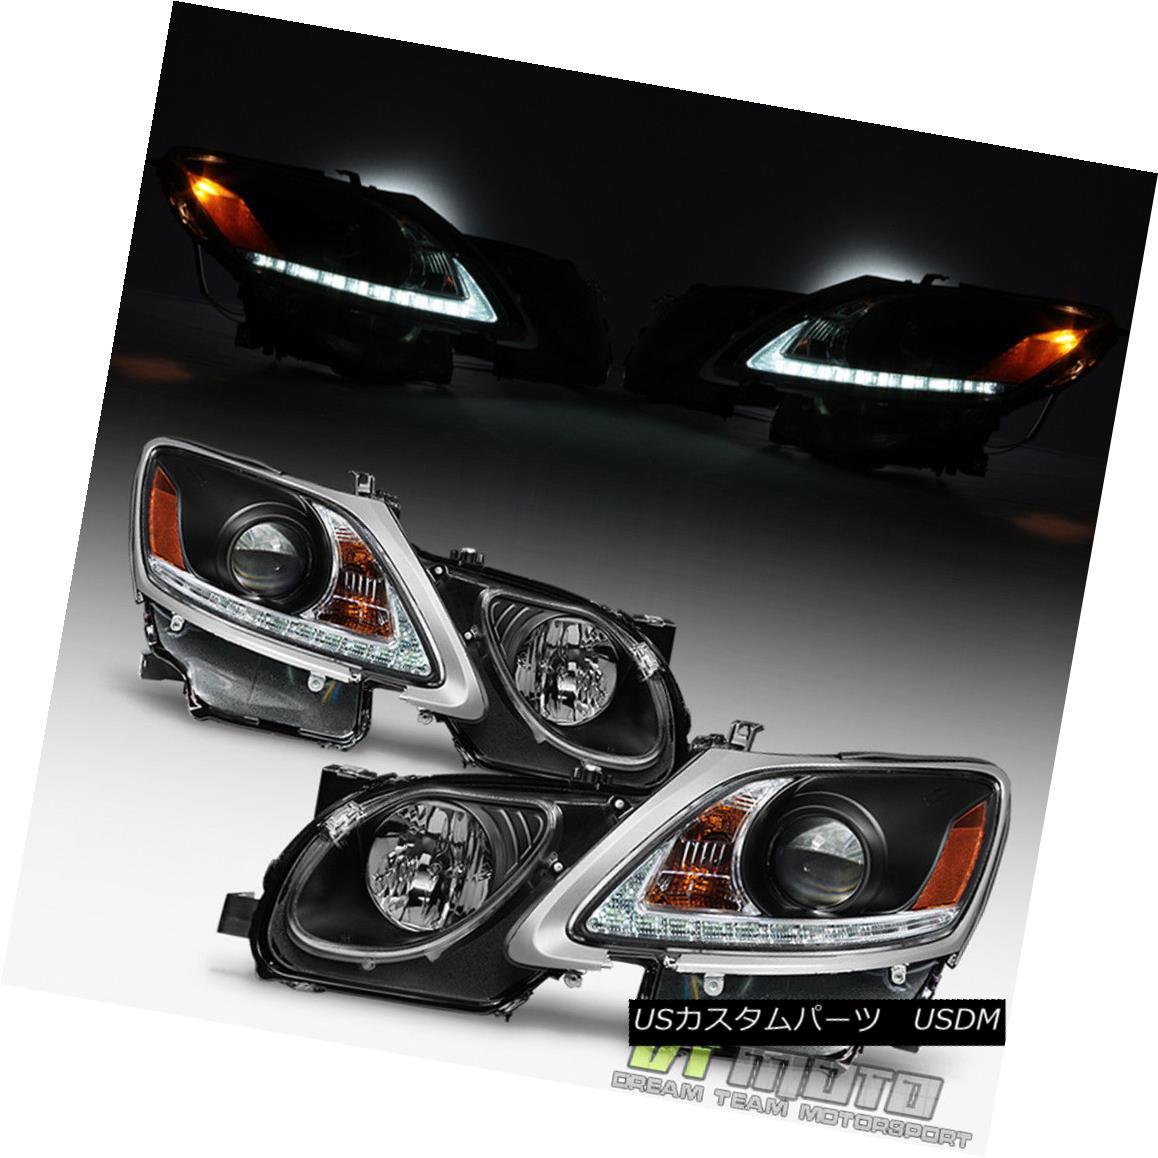 ヘッドライト Black 2006-2011 Lexus GS300 GS350 HID Xenon LED Strip DRL Headlights Headlamps ブラック2006-2011レクサスGS300 GS350 HIDキセノンLEDストリップDRLヘッドライトヘッドランプ